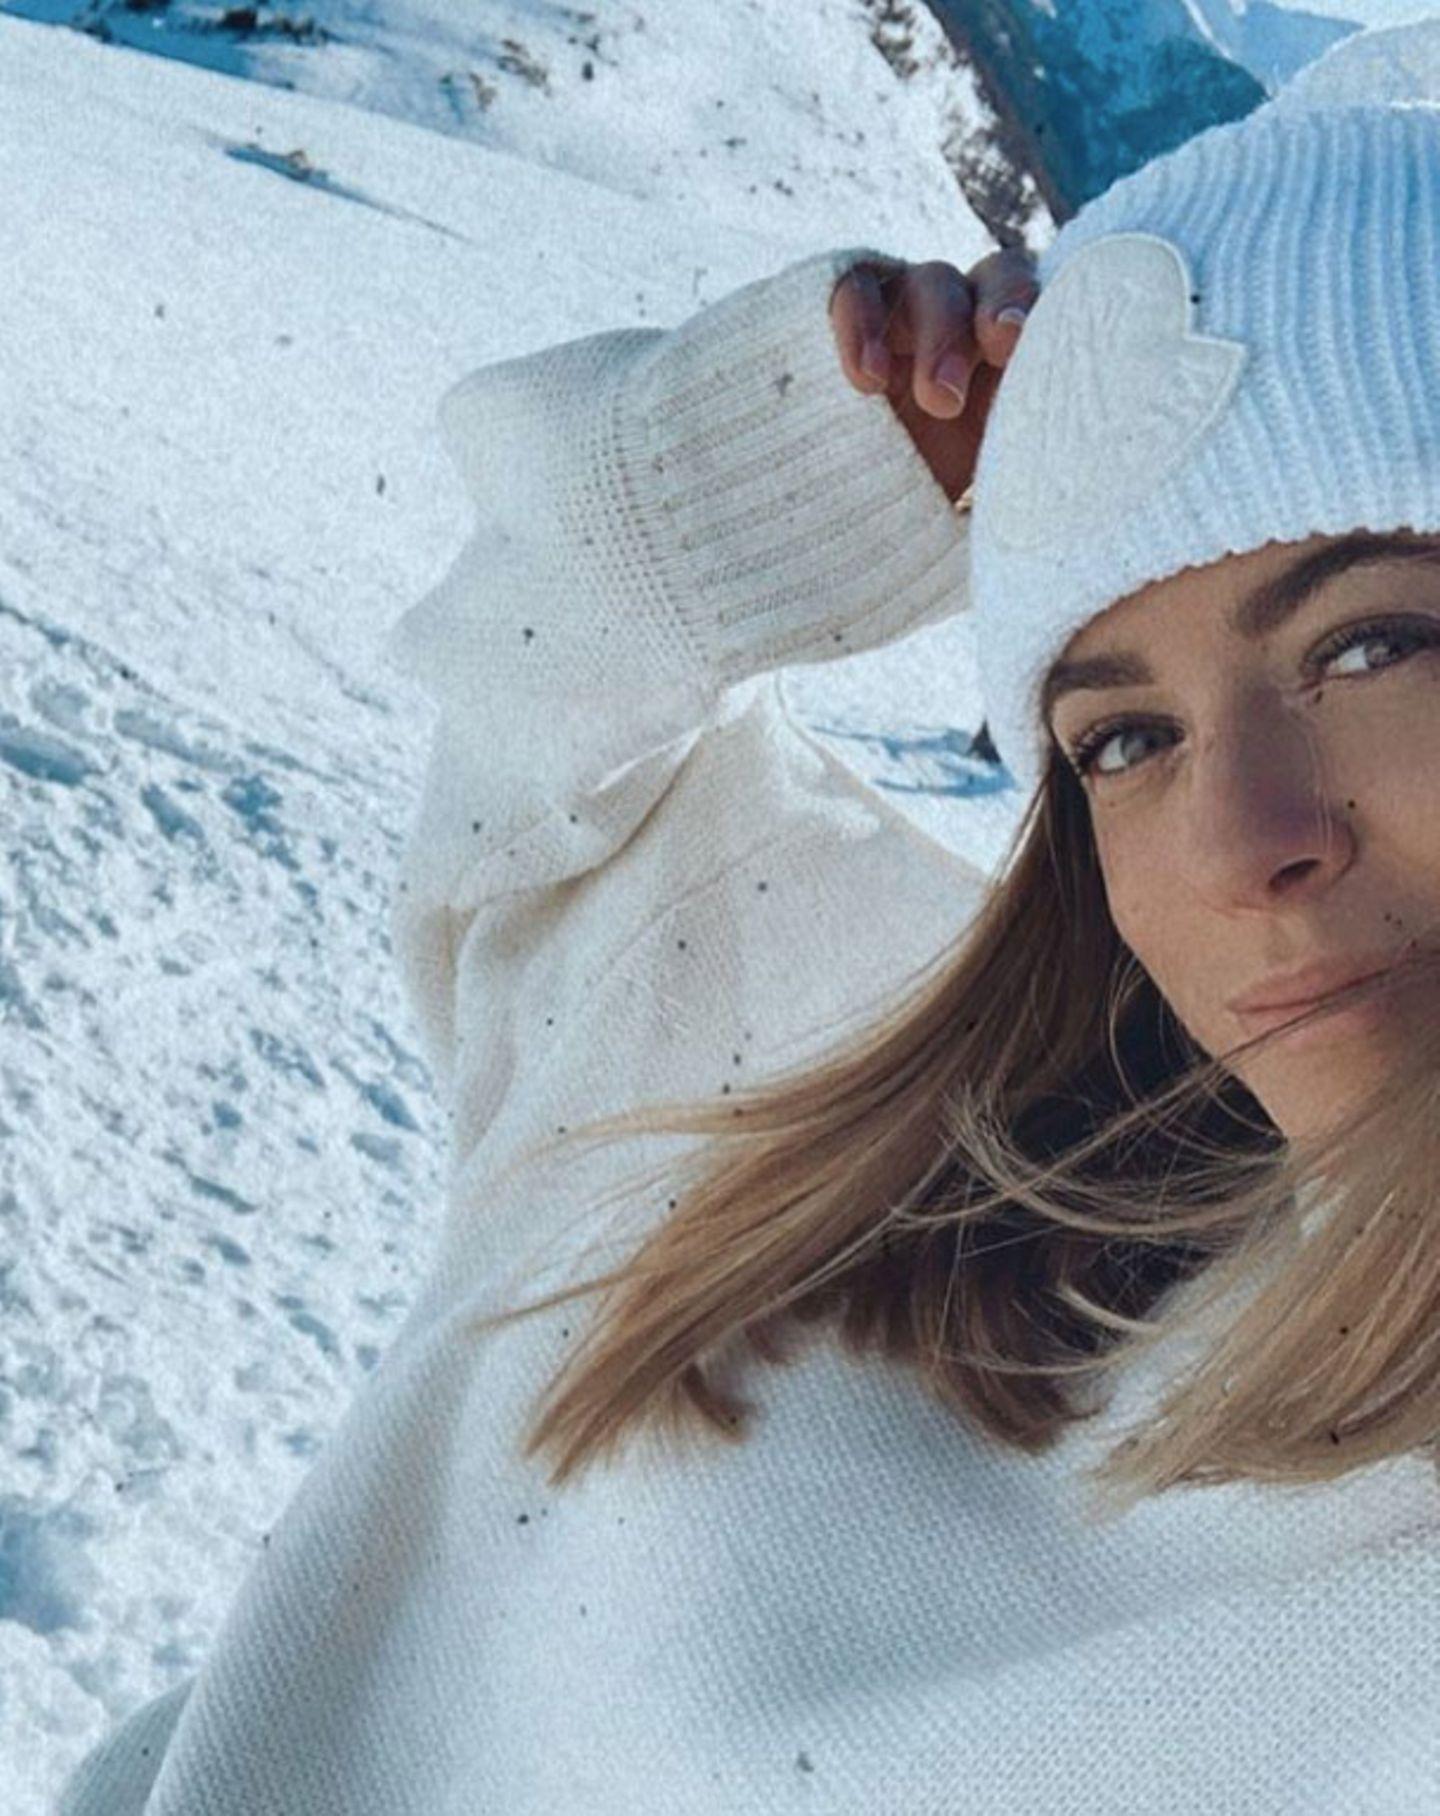 """Farblich abgestimmt auf ihre Umgebung sendetSchlagersängerin Vanessa Mai """"Liebe Grüße aus dem Schnee!""""."""